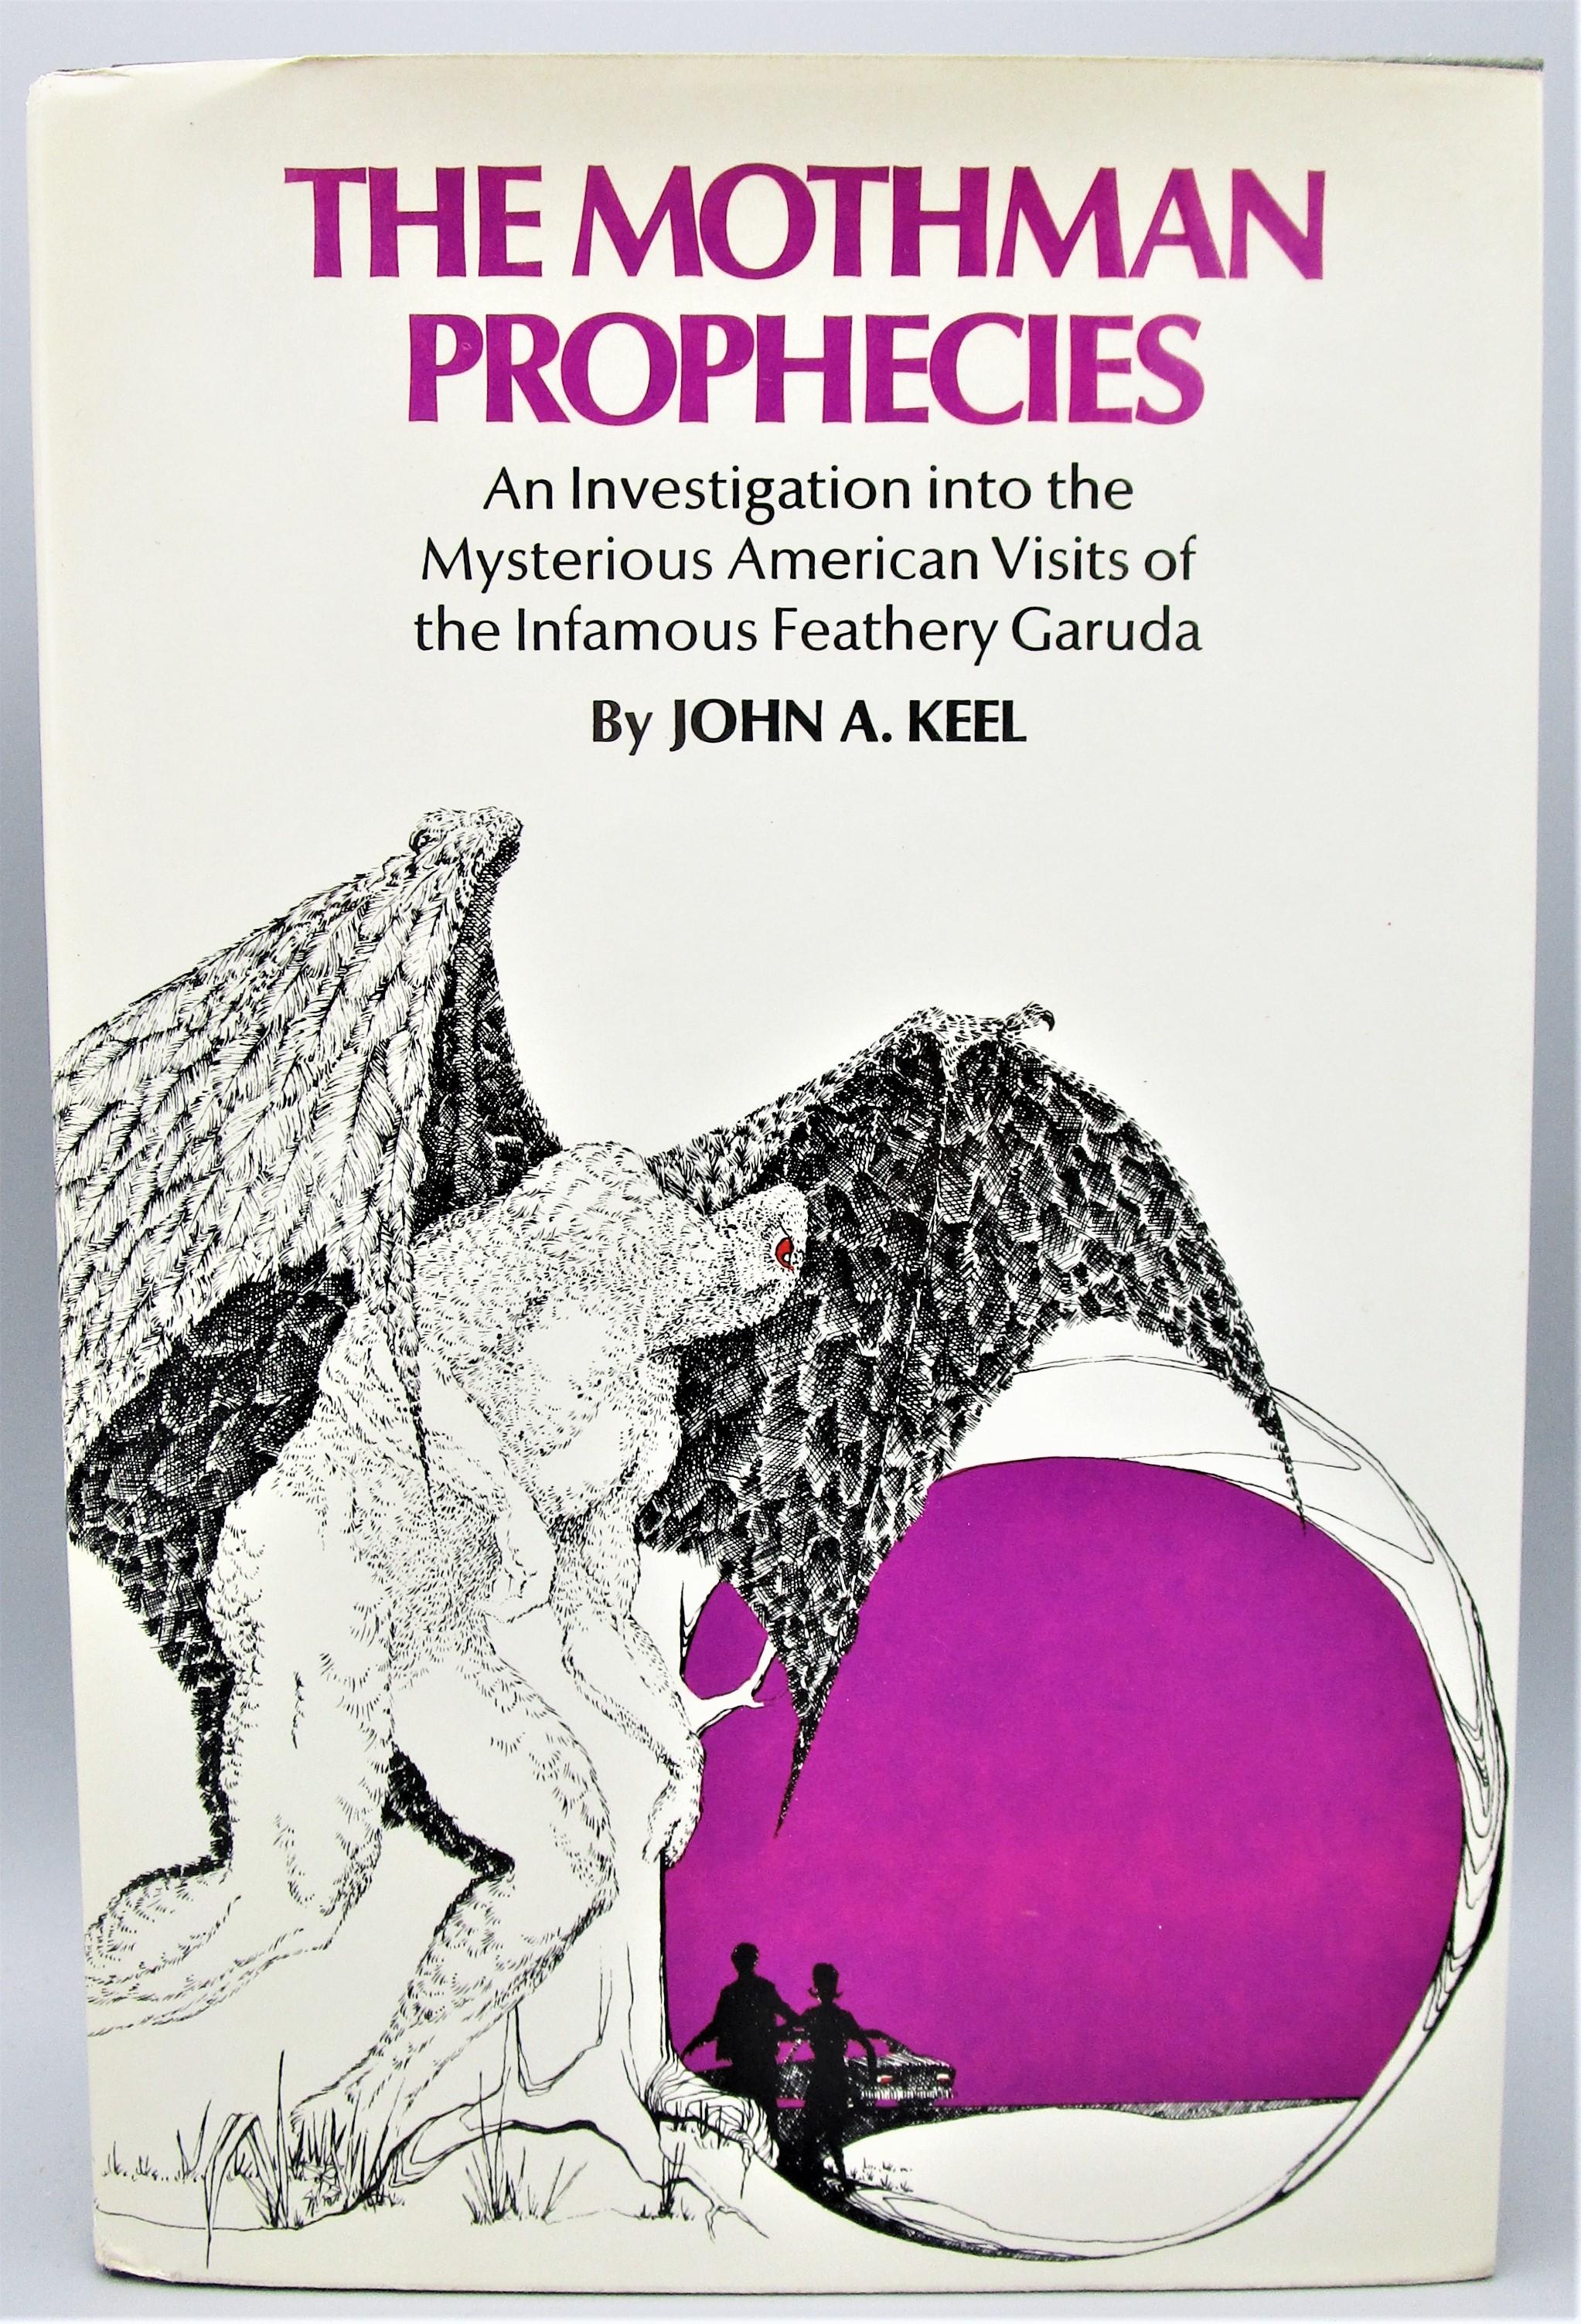 THE MOTHMAN PROPHECIES, by John A. Keel - 1975 [Review Copy] *ephemera*